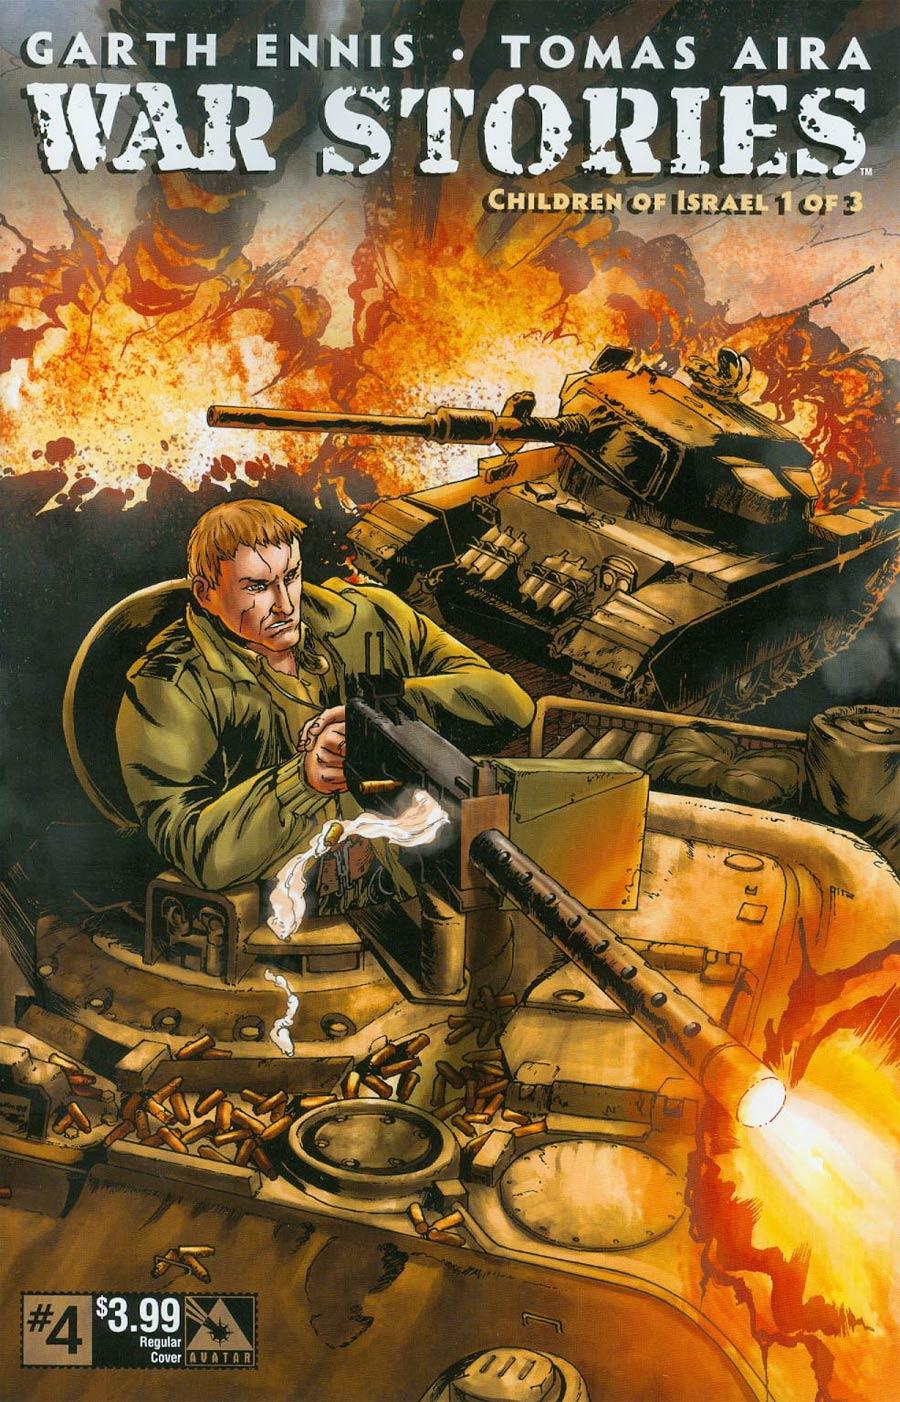 War Stories #4 Cover A Regular Cover